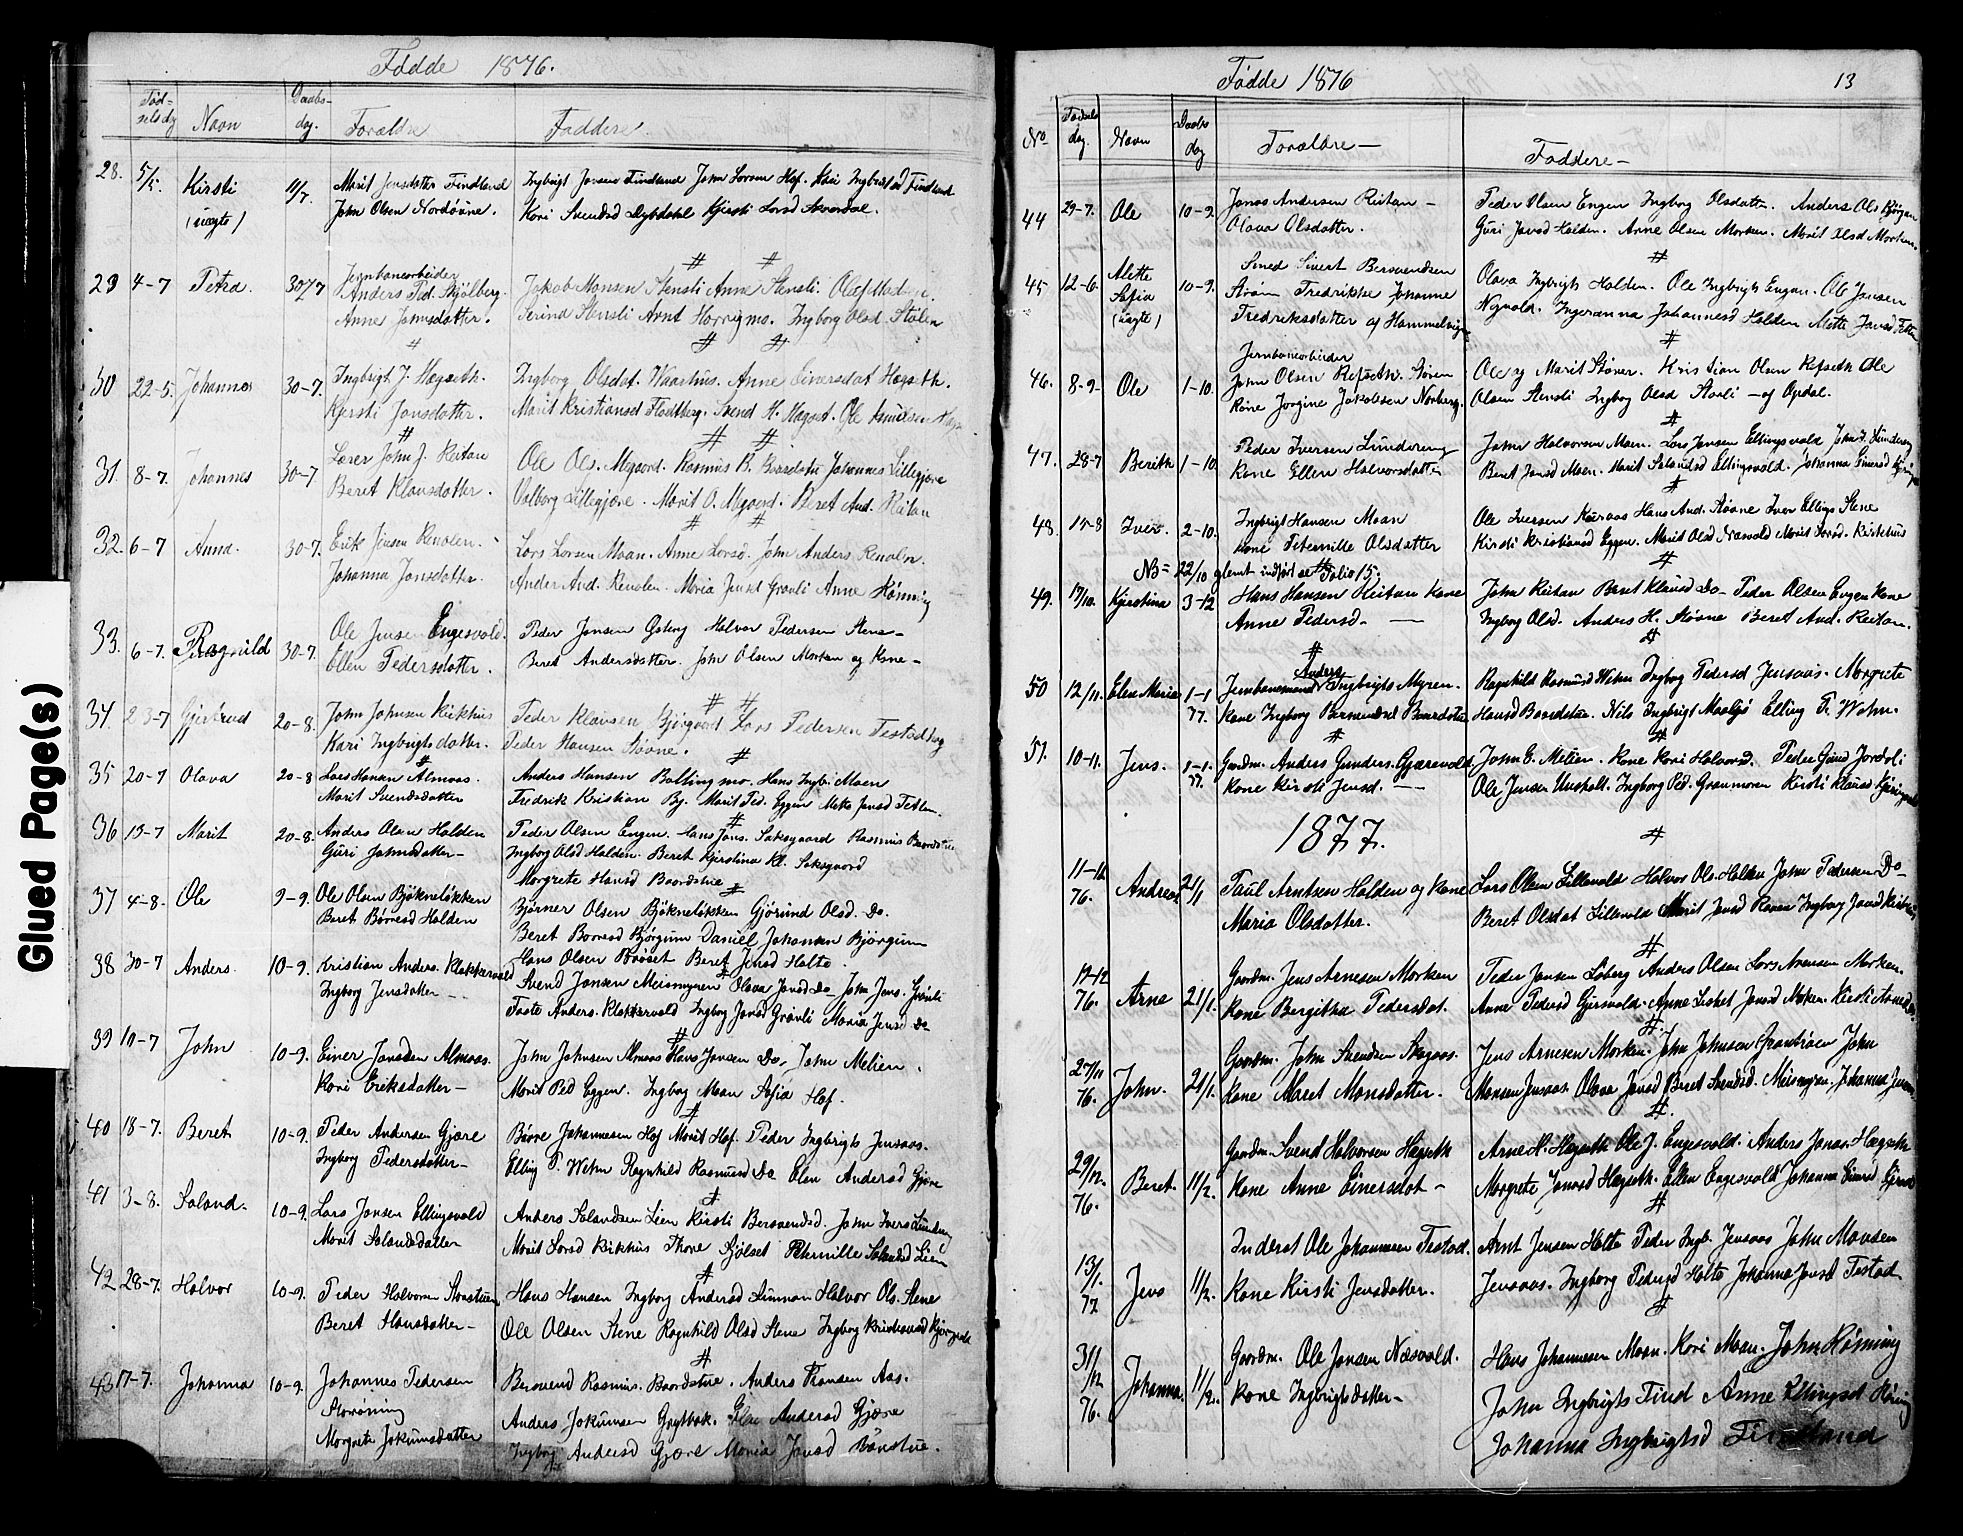 SAT, Ministerialprotokoller, klokkerbøker og fødselsregistre - Sør-Trøndelag, 686/L0985: Klokkerbok nr. 686C01, 1871-1933, s. 13